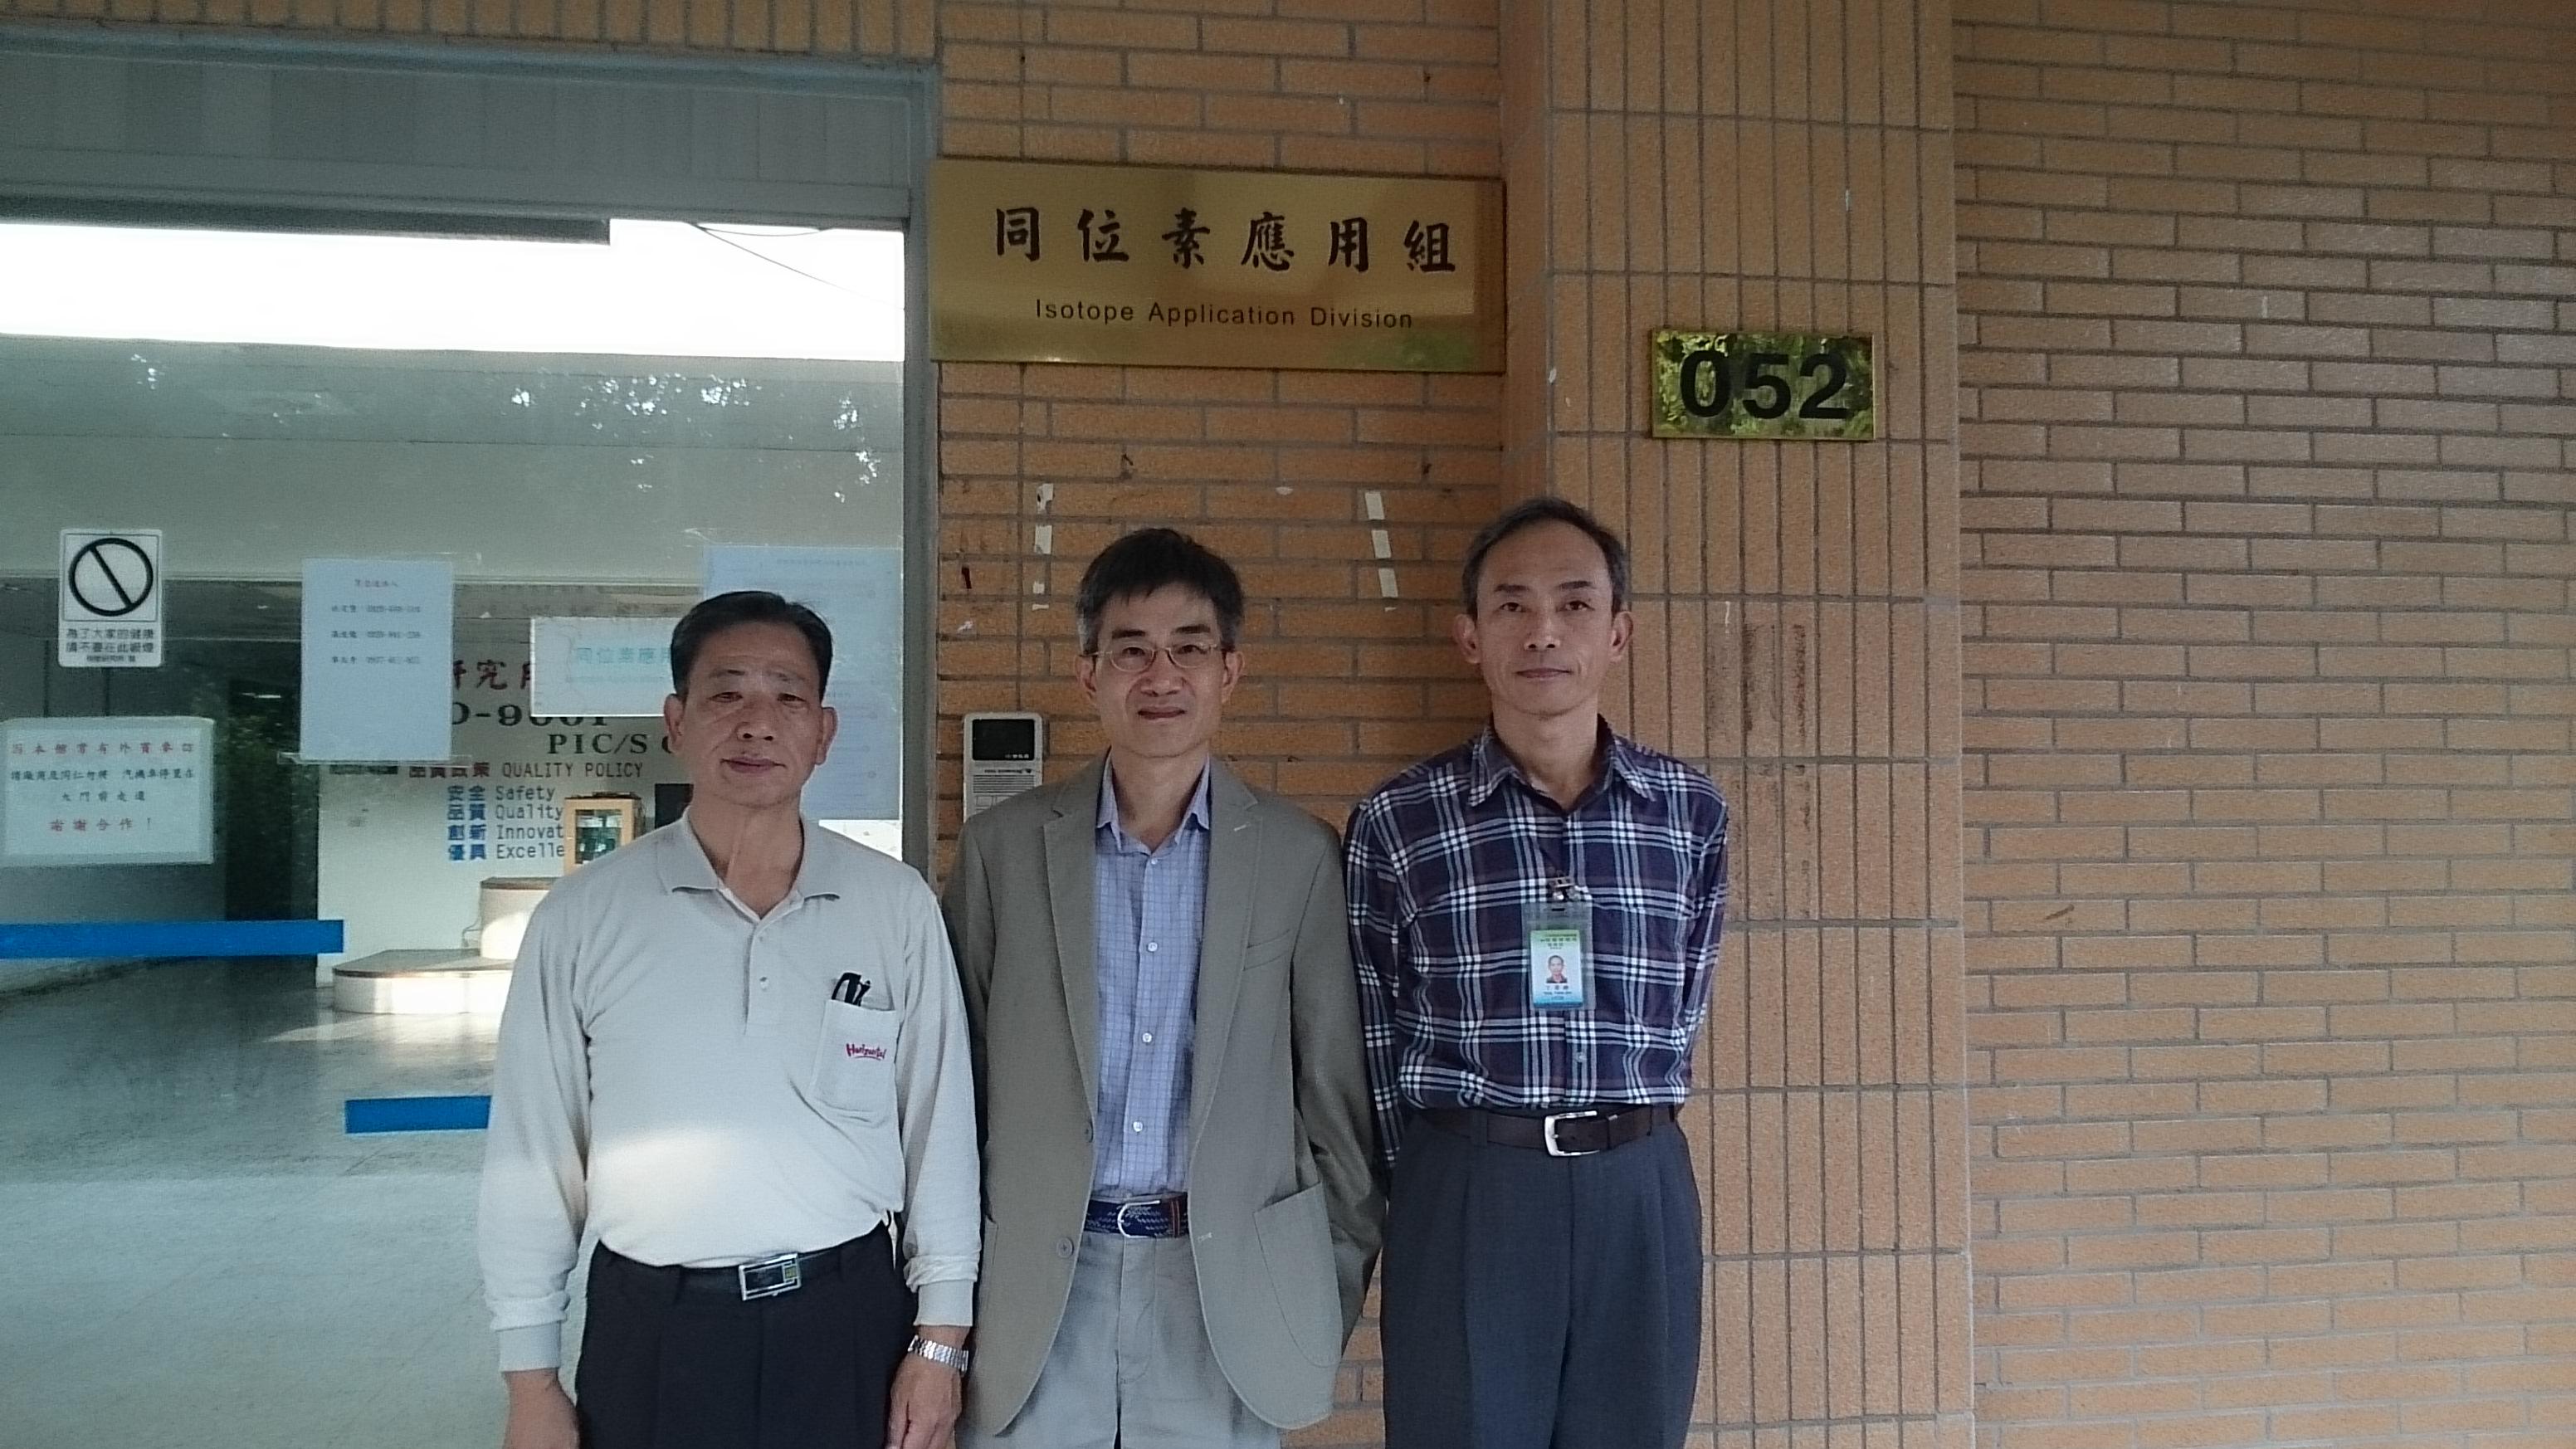 團隊李銘忻.林金陣.丁澤錚3人照片